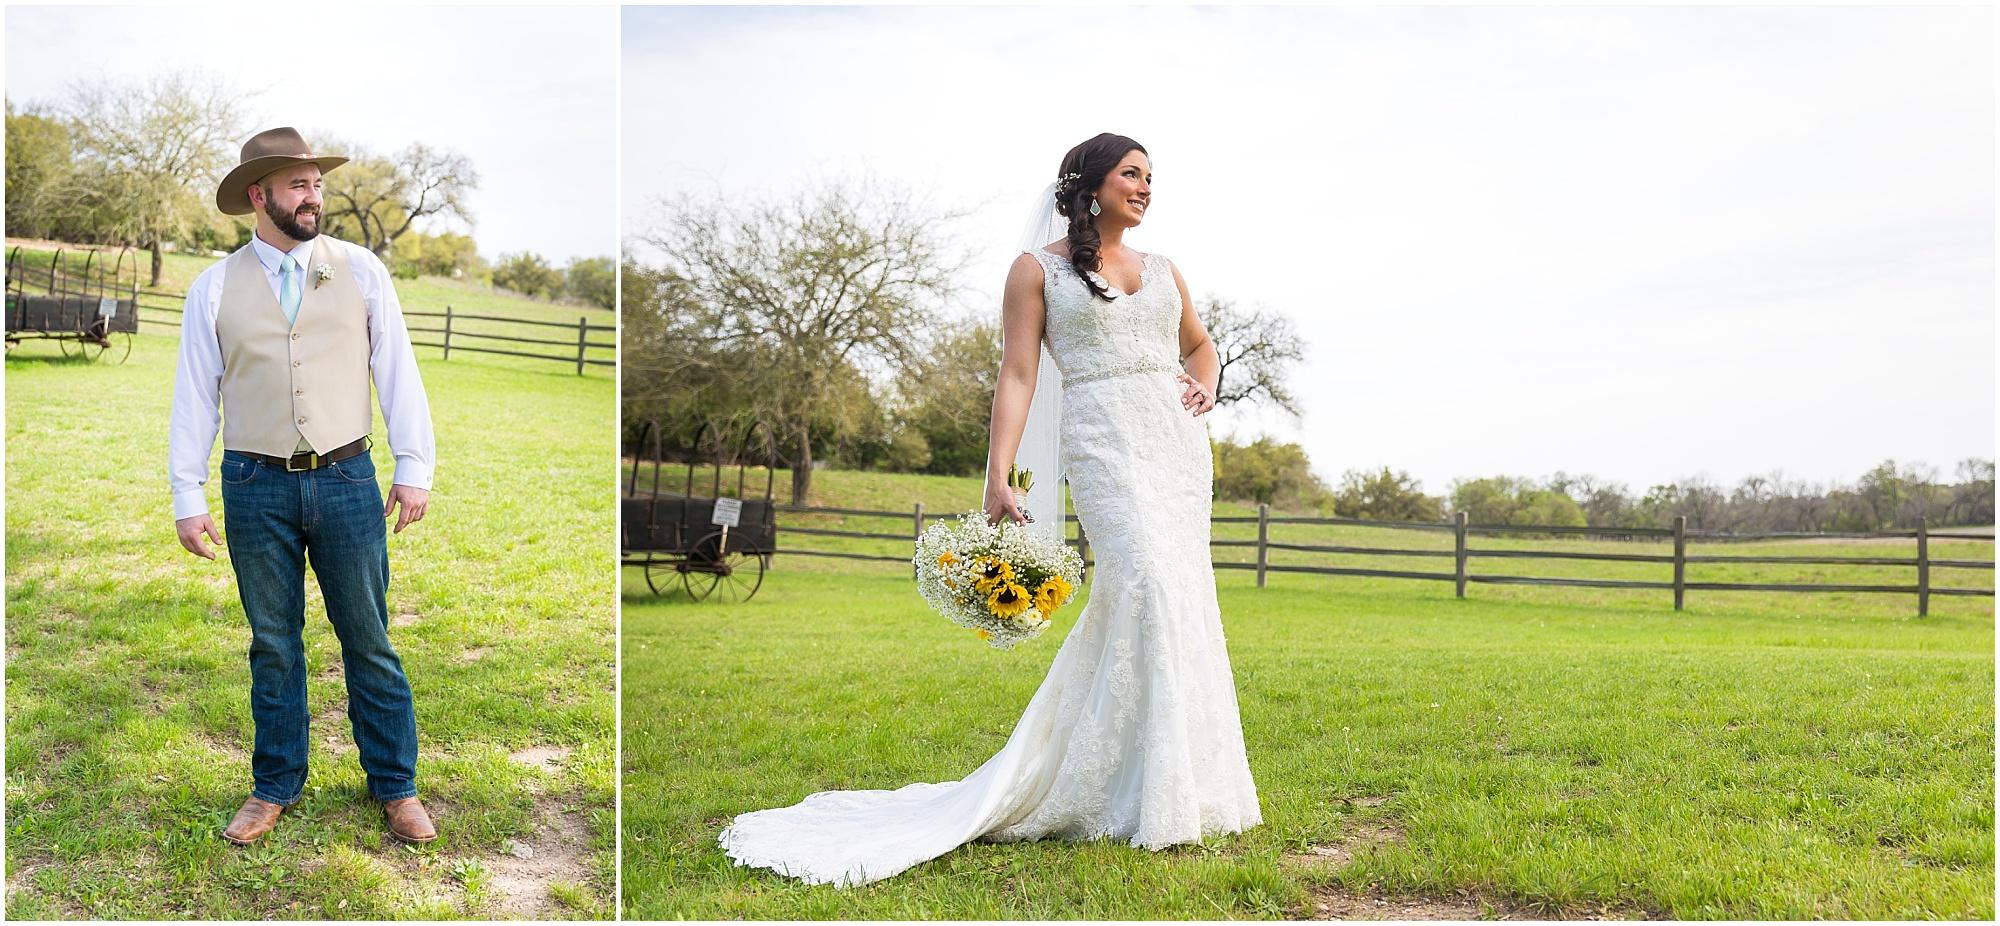 Rustic-Wedding-Peacock-River-Ranch-Gatesville-Texas_0020.jpg